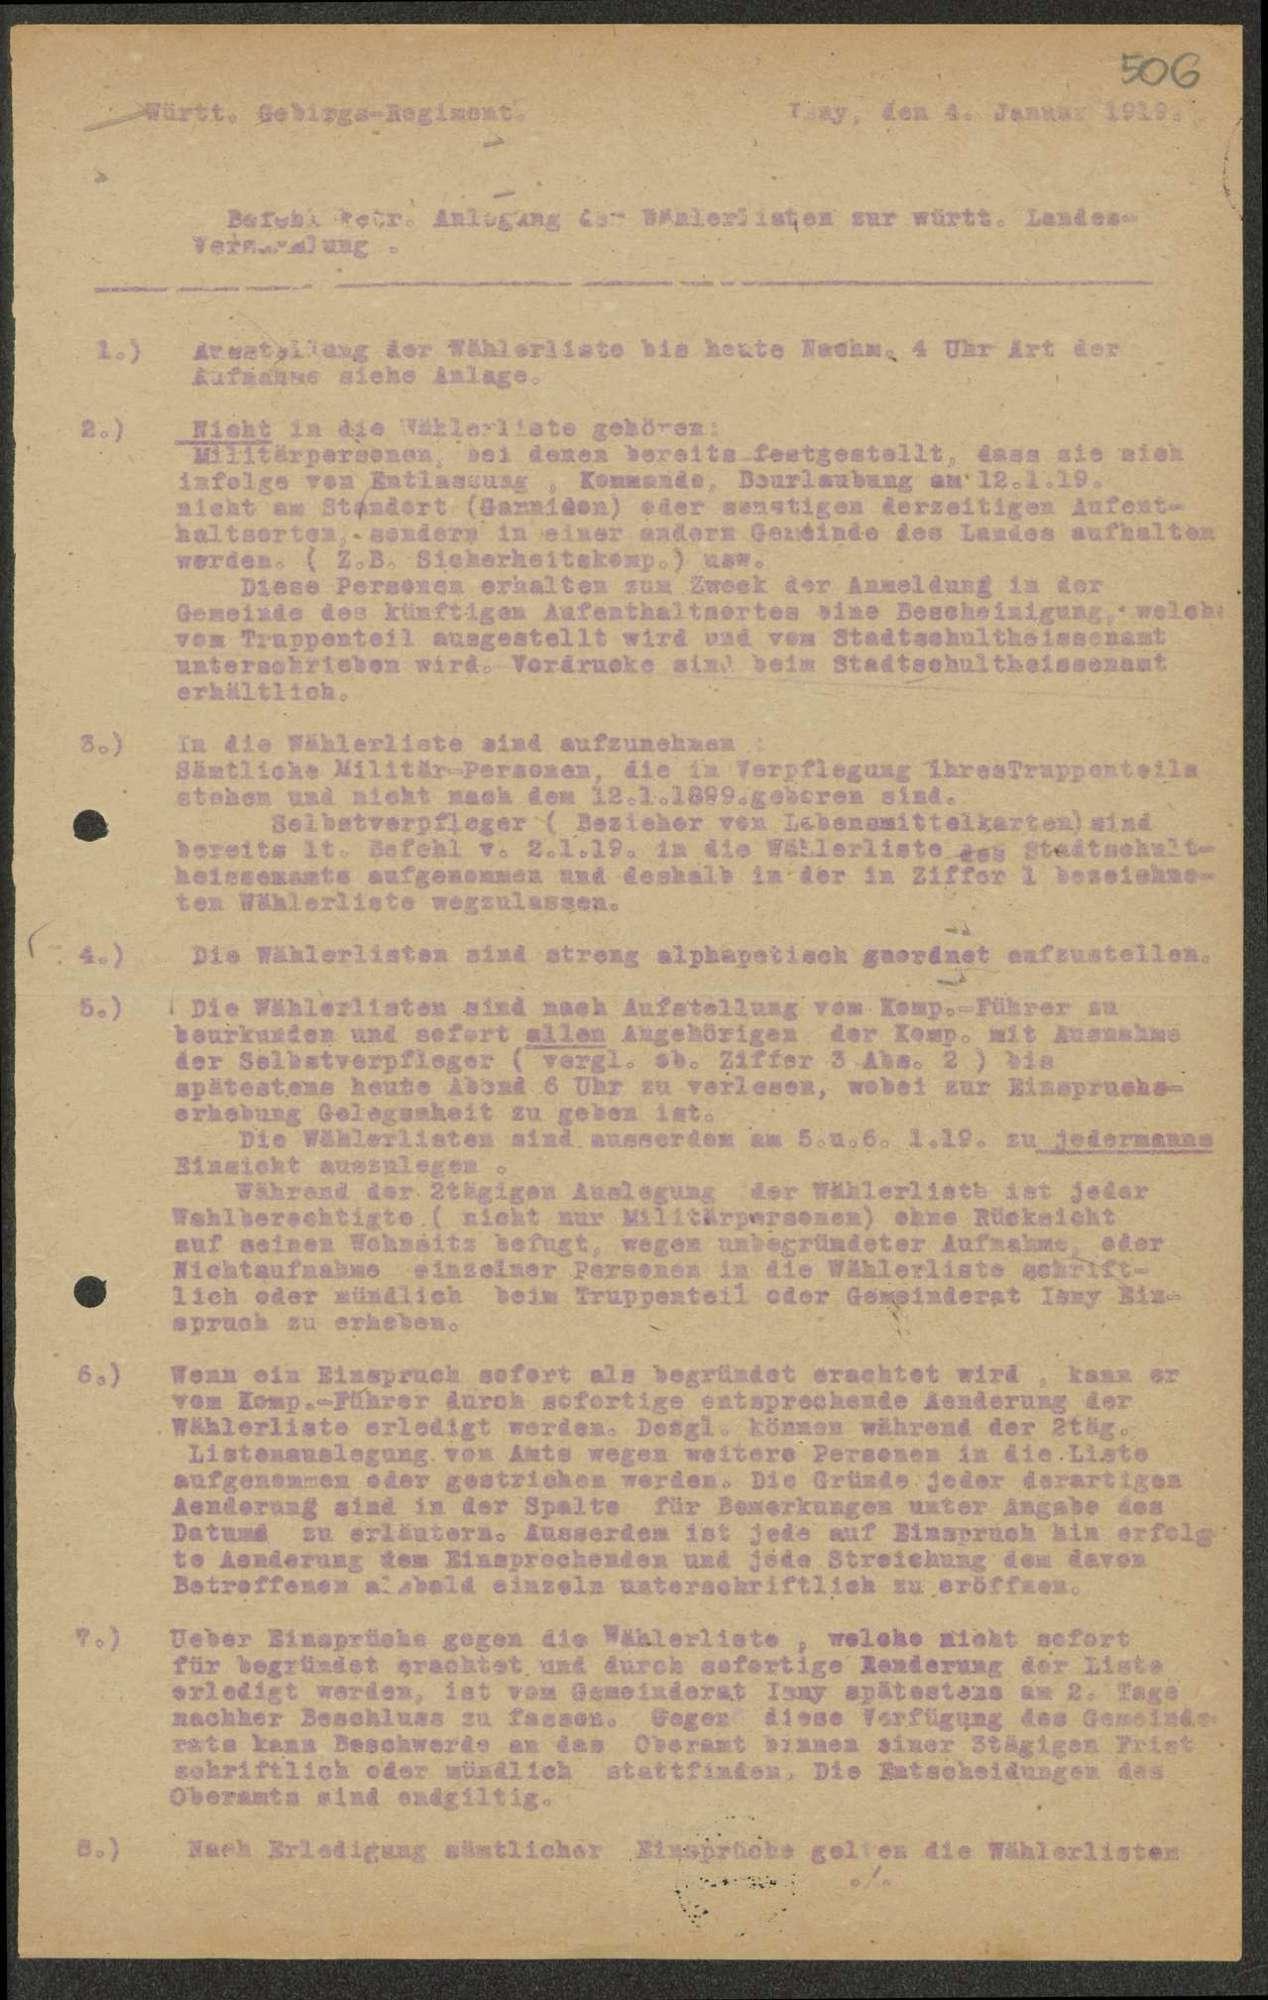 Anlegung von Wählerlisten zur württembergischen Landesversammlung, Bild 1